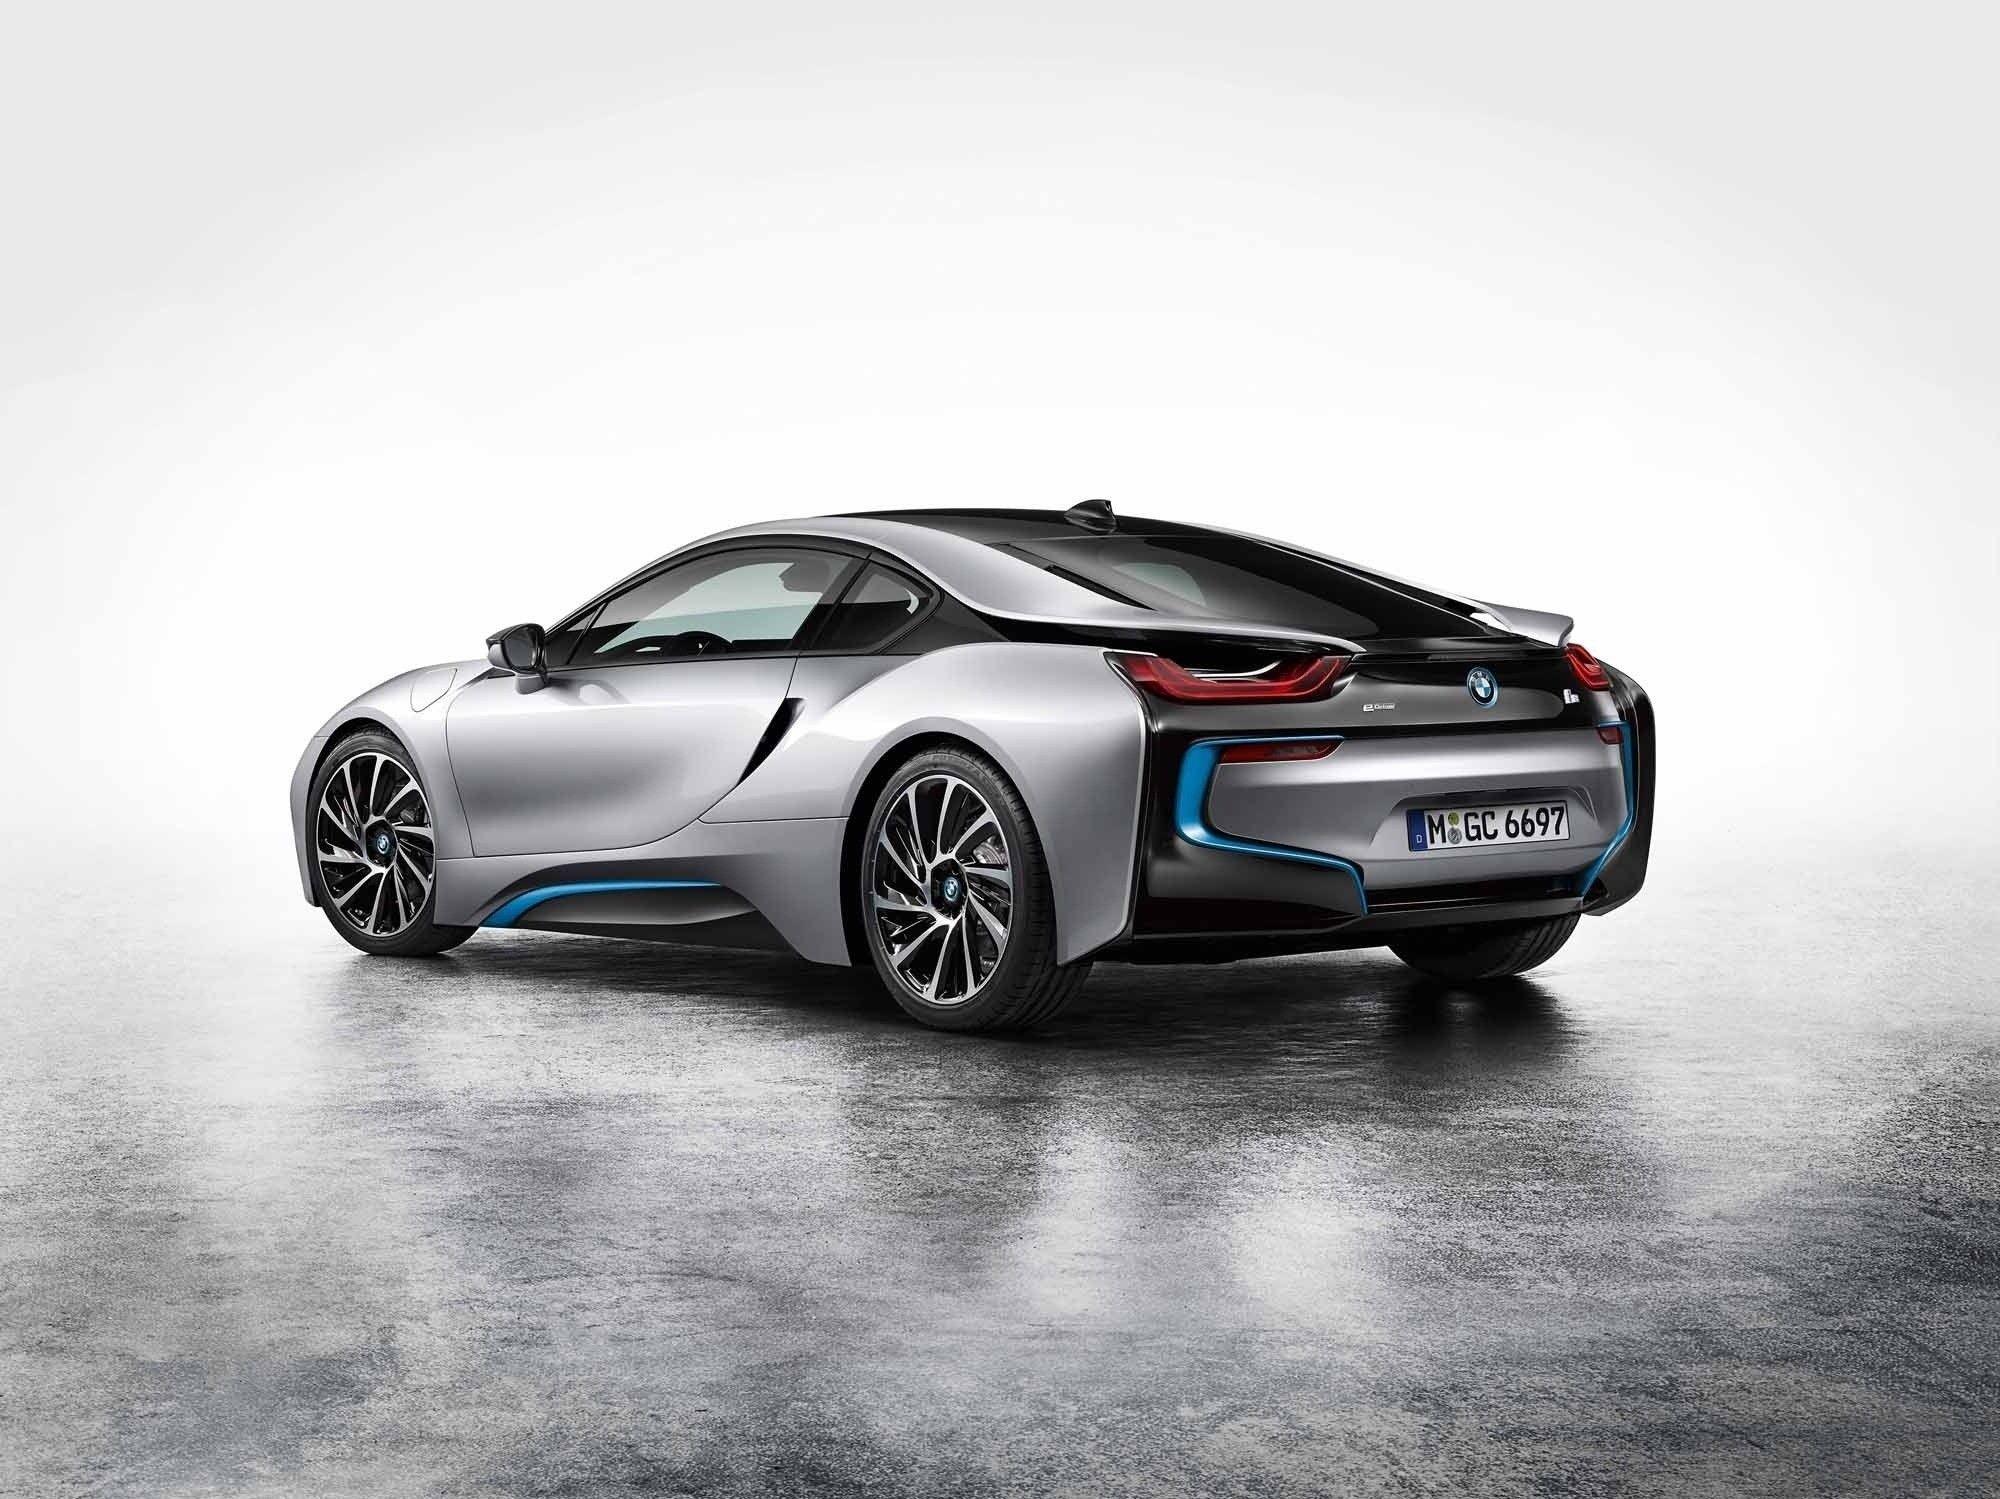 2018 Bmw I9 Interior Exterior And Review Bmw I8 Electric Sports Car Bmw